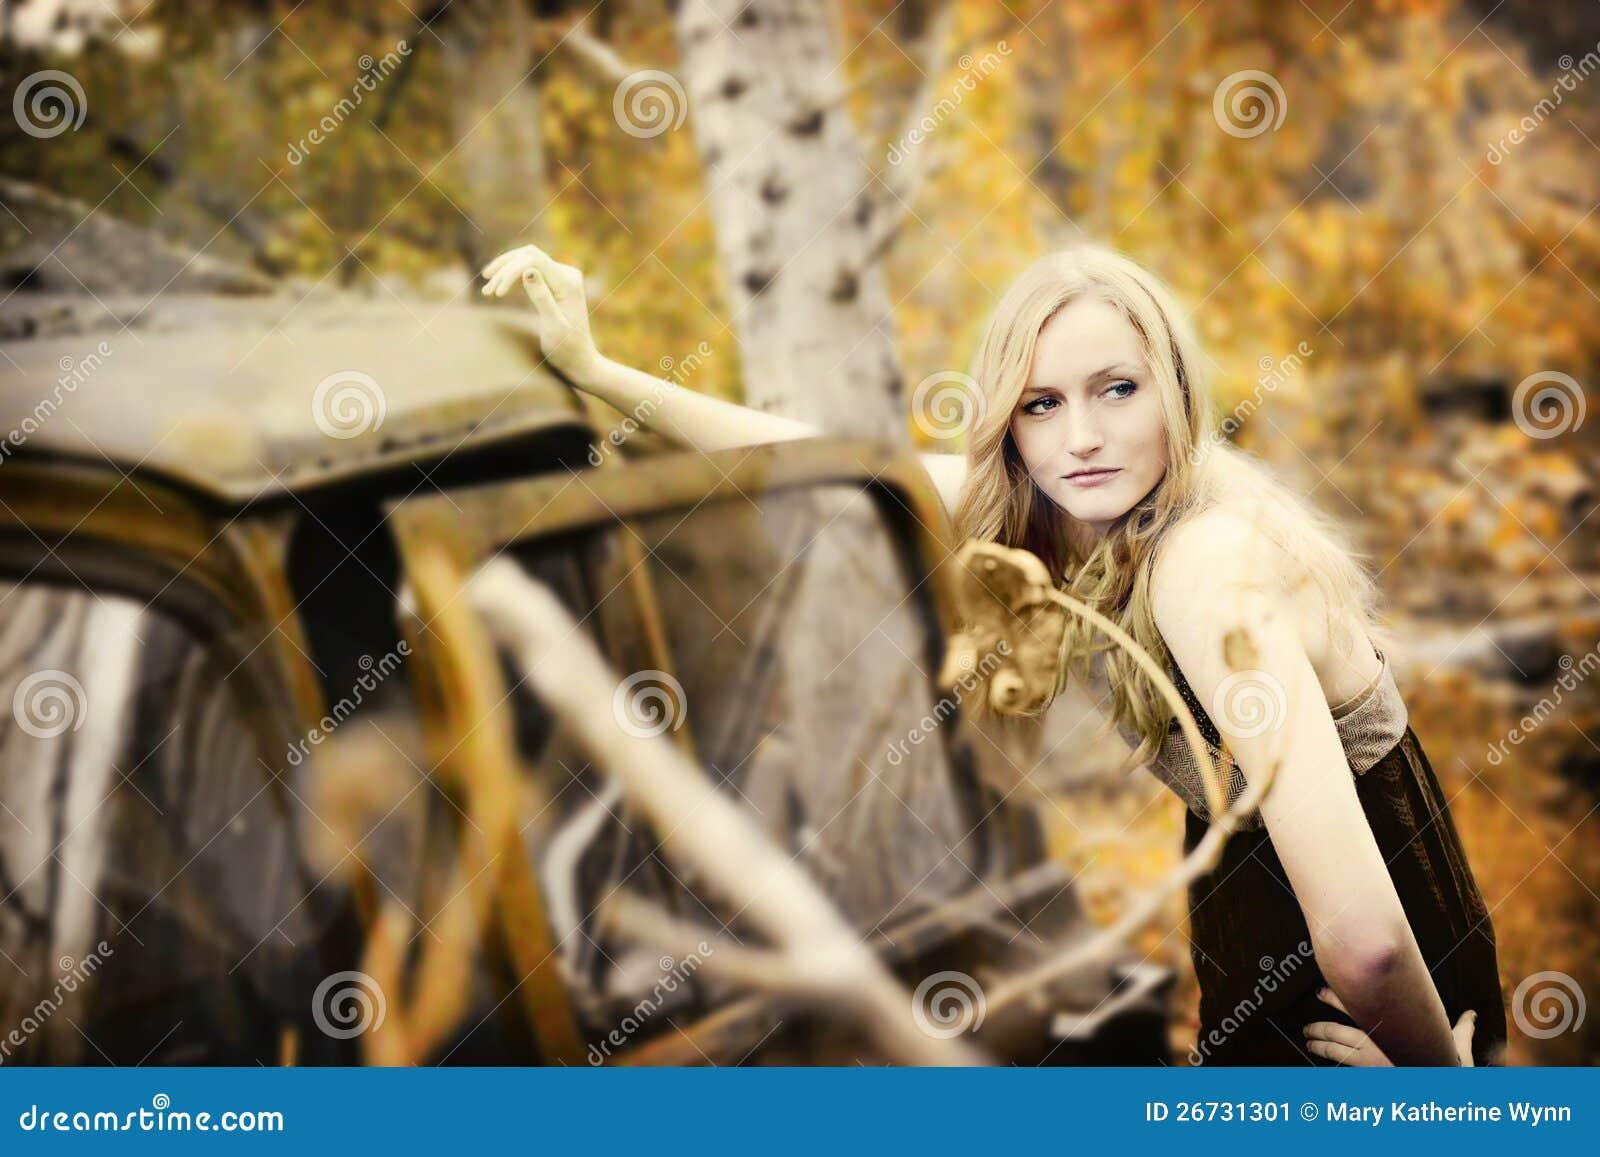 Model on vintage truck